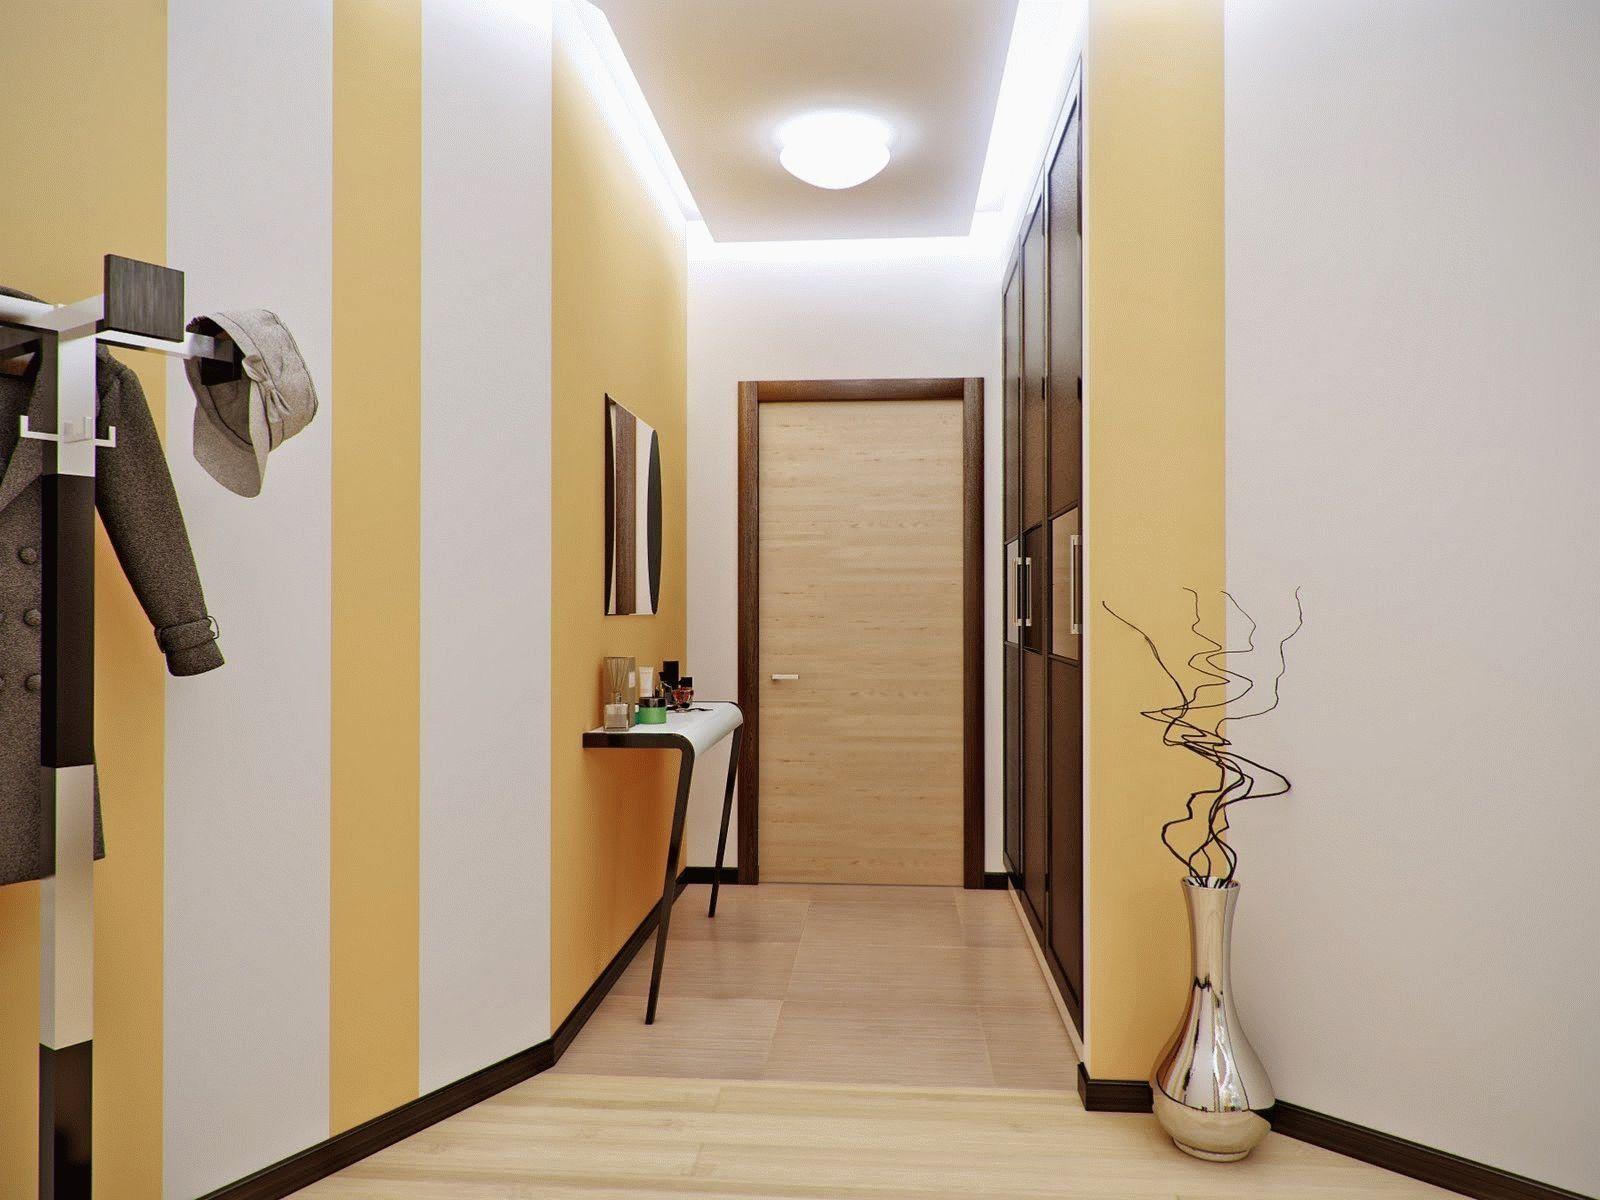 Узкий коридор - это минимальное количество декора